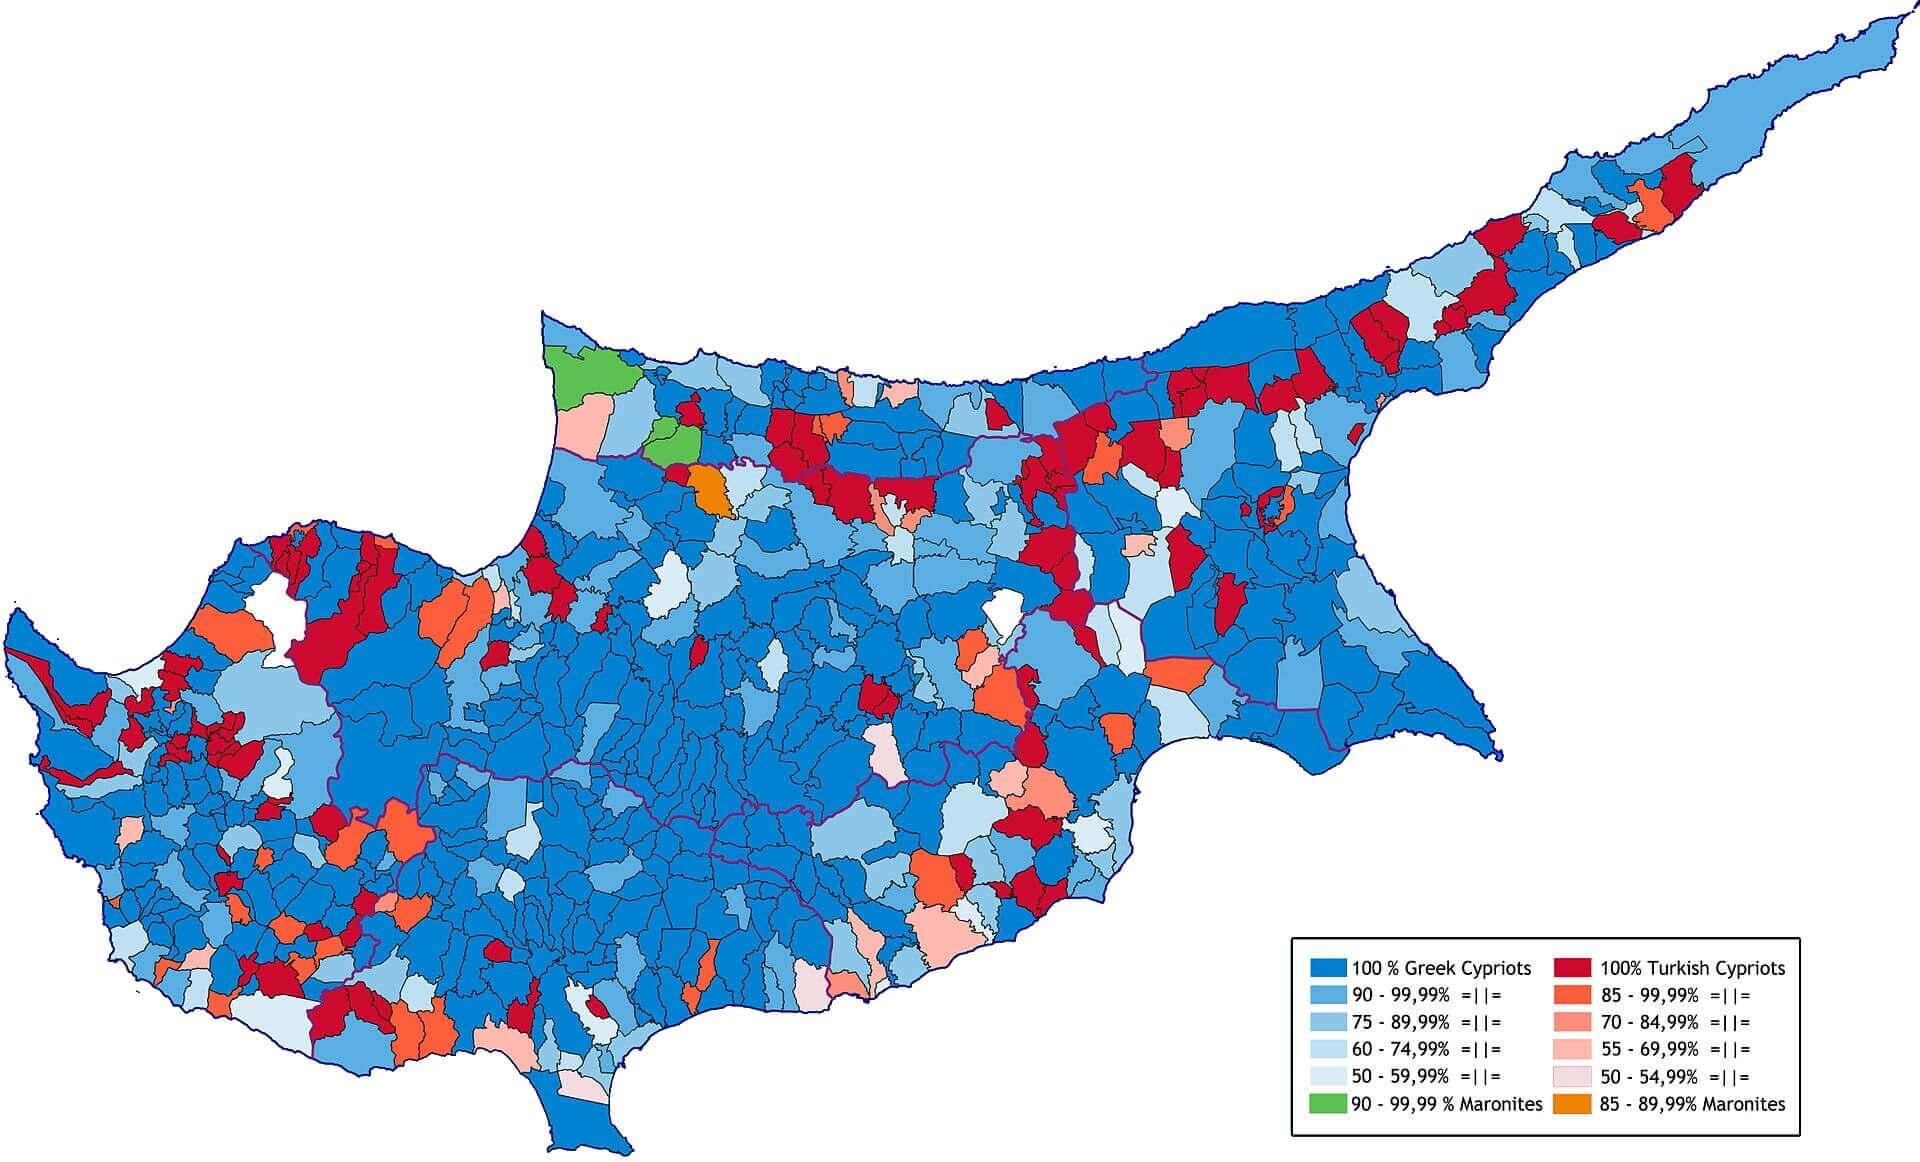 Этнический состав Кипра по общинам по переписи 1960 года